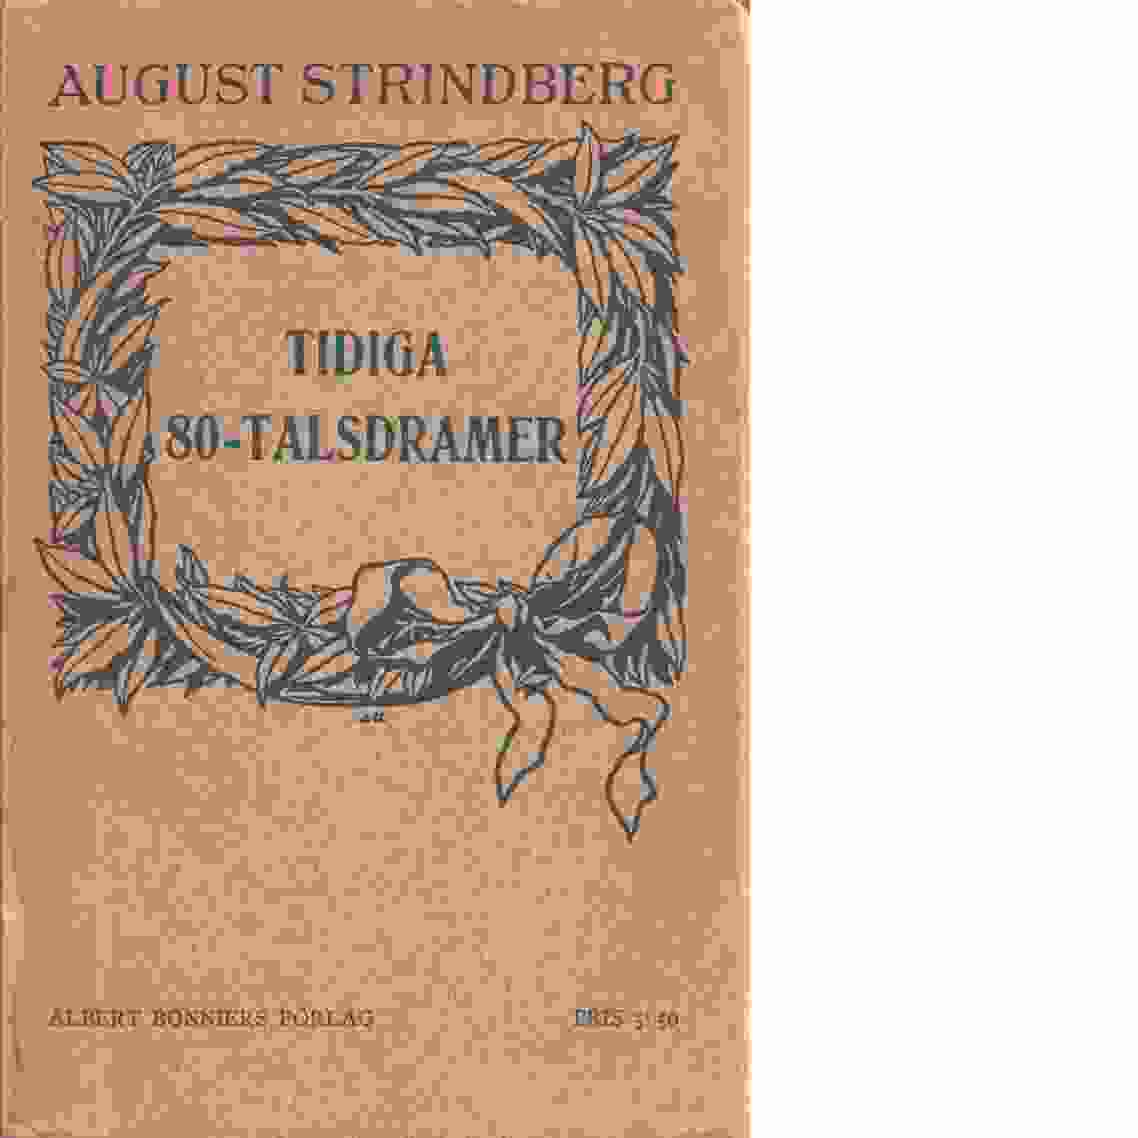 Samlade skrifter. D. 9, Tidiga 80-talsdramer - Strindberg, August